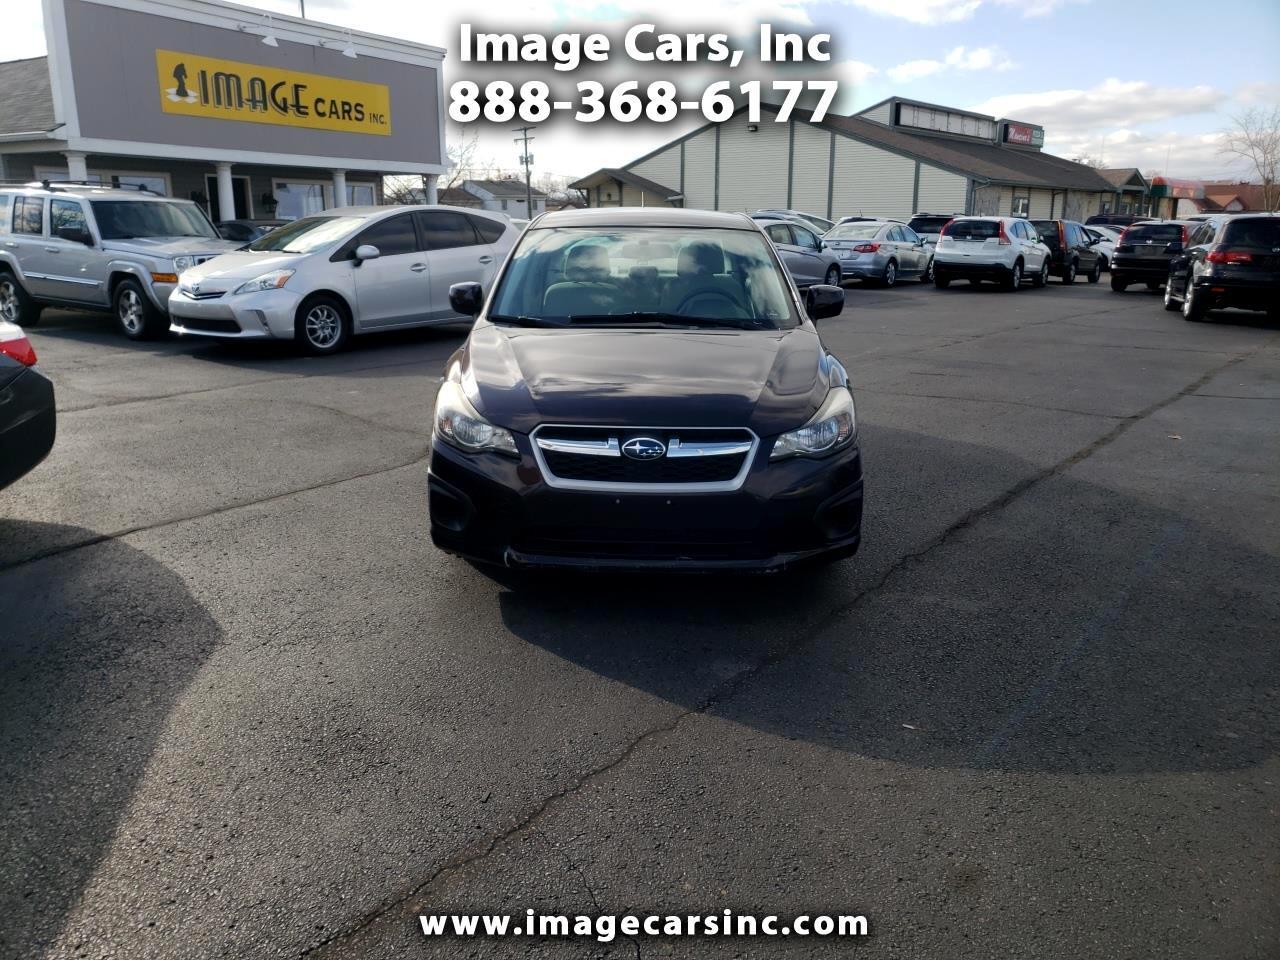 Subaru Impreza 2.0i Premium 4-Door 2012